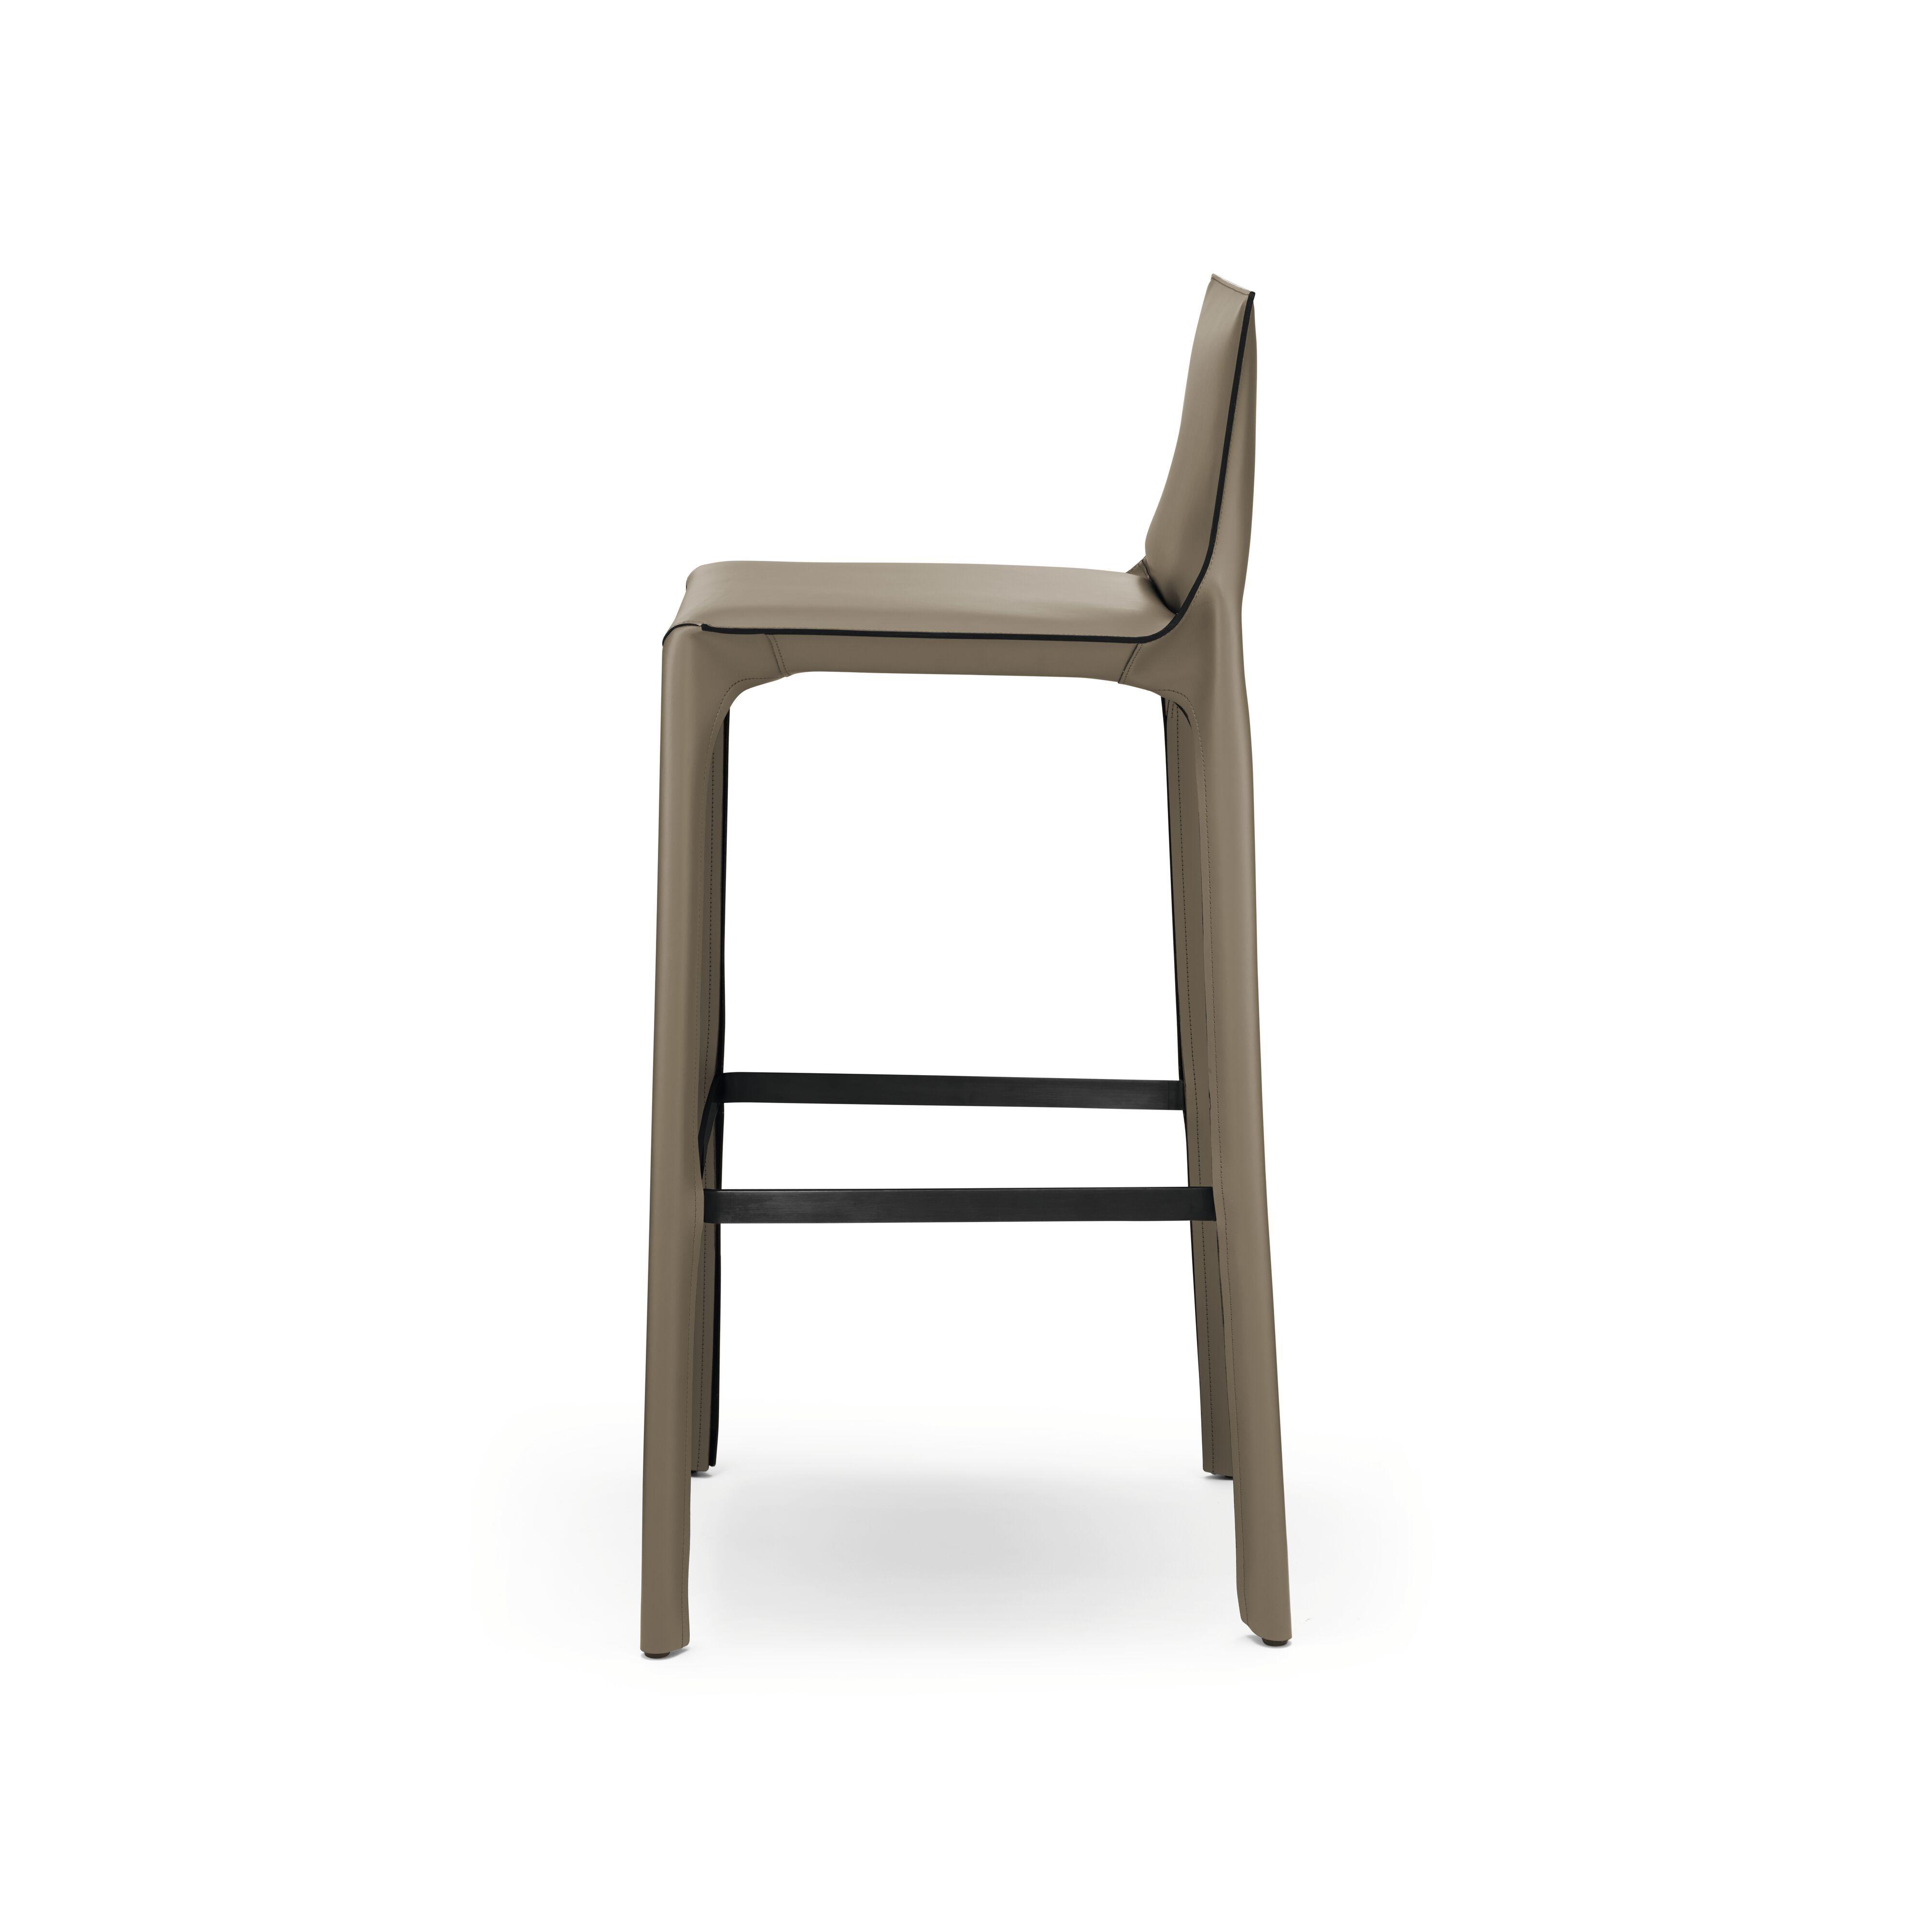 02-WK-Saddle-Chair_Barhocker-0003-H.tif